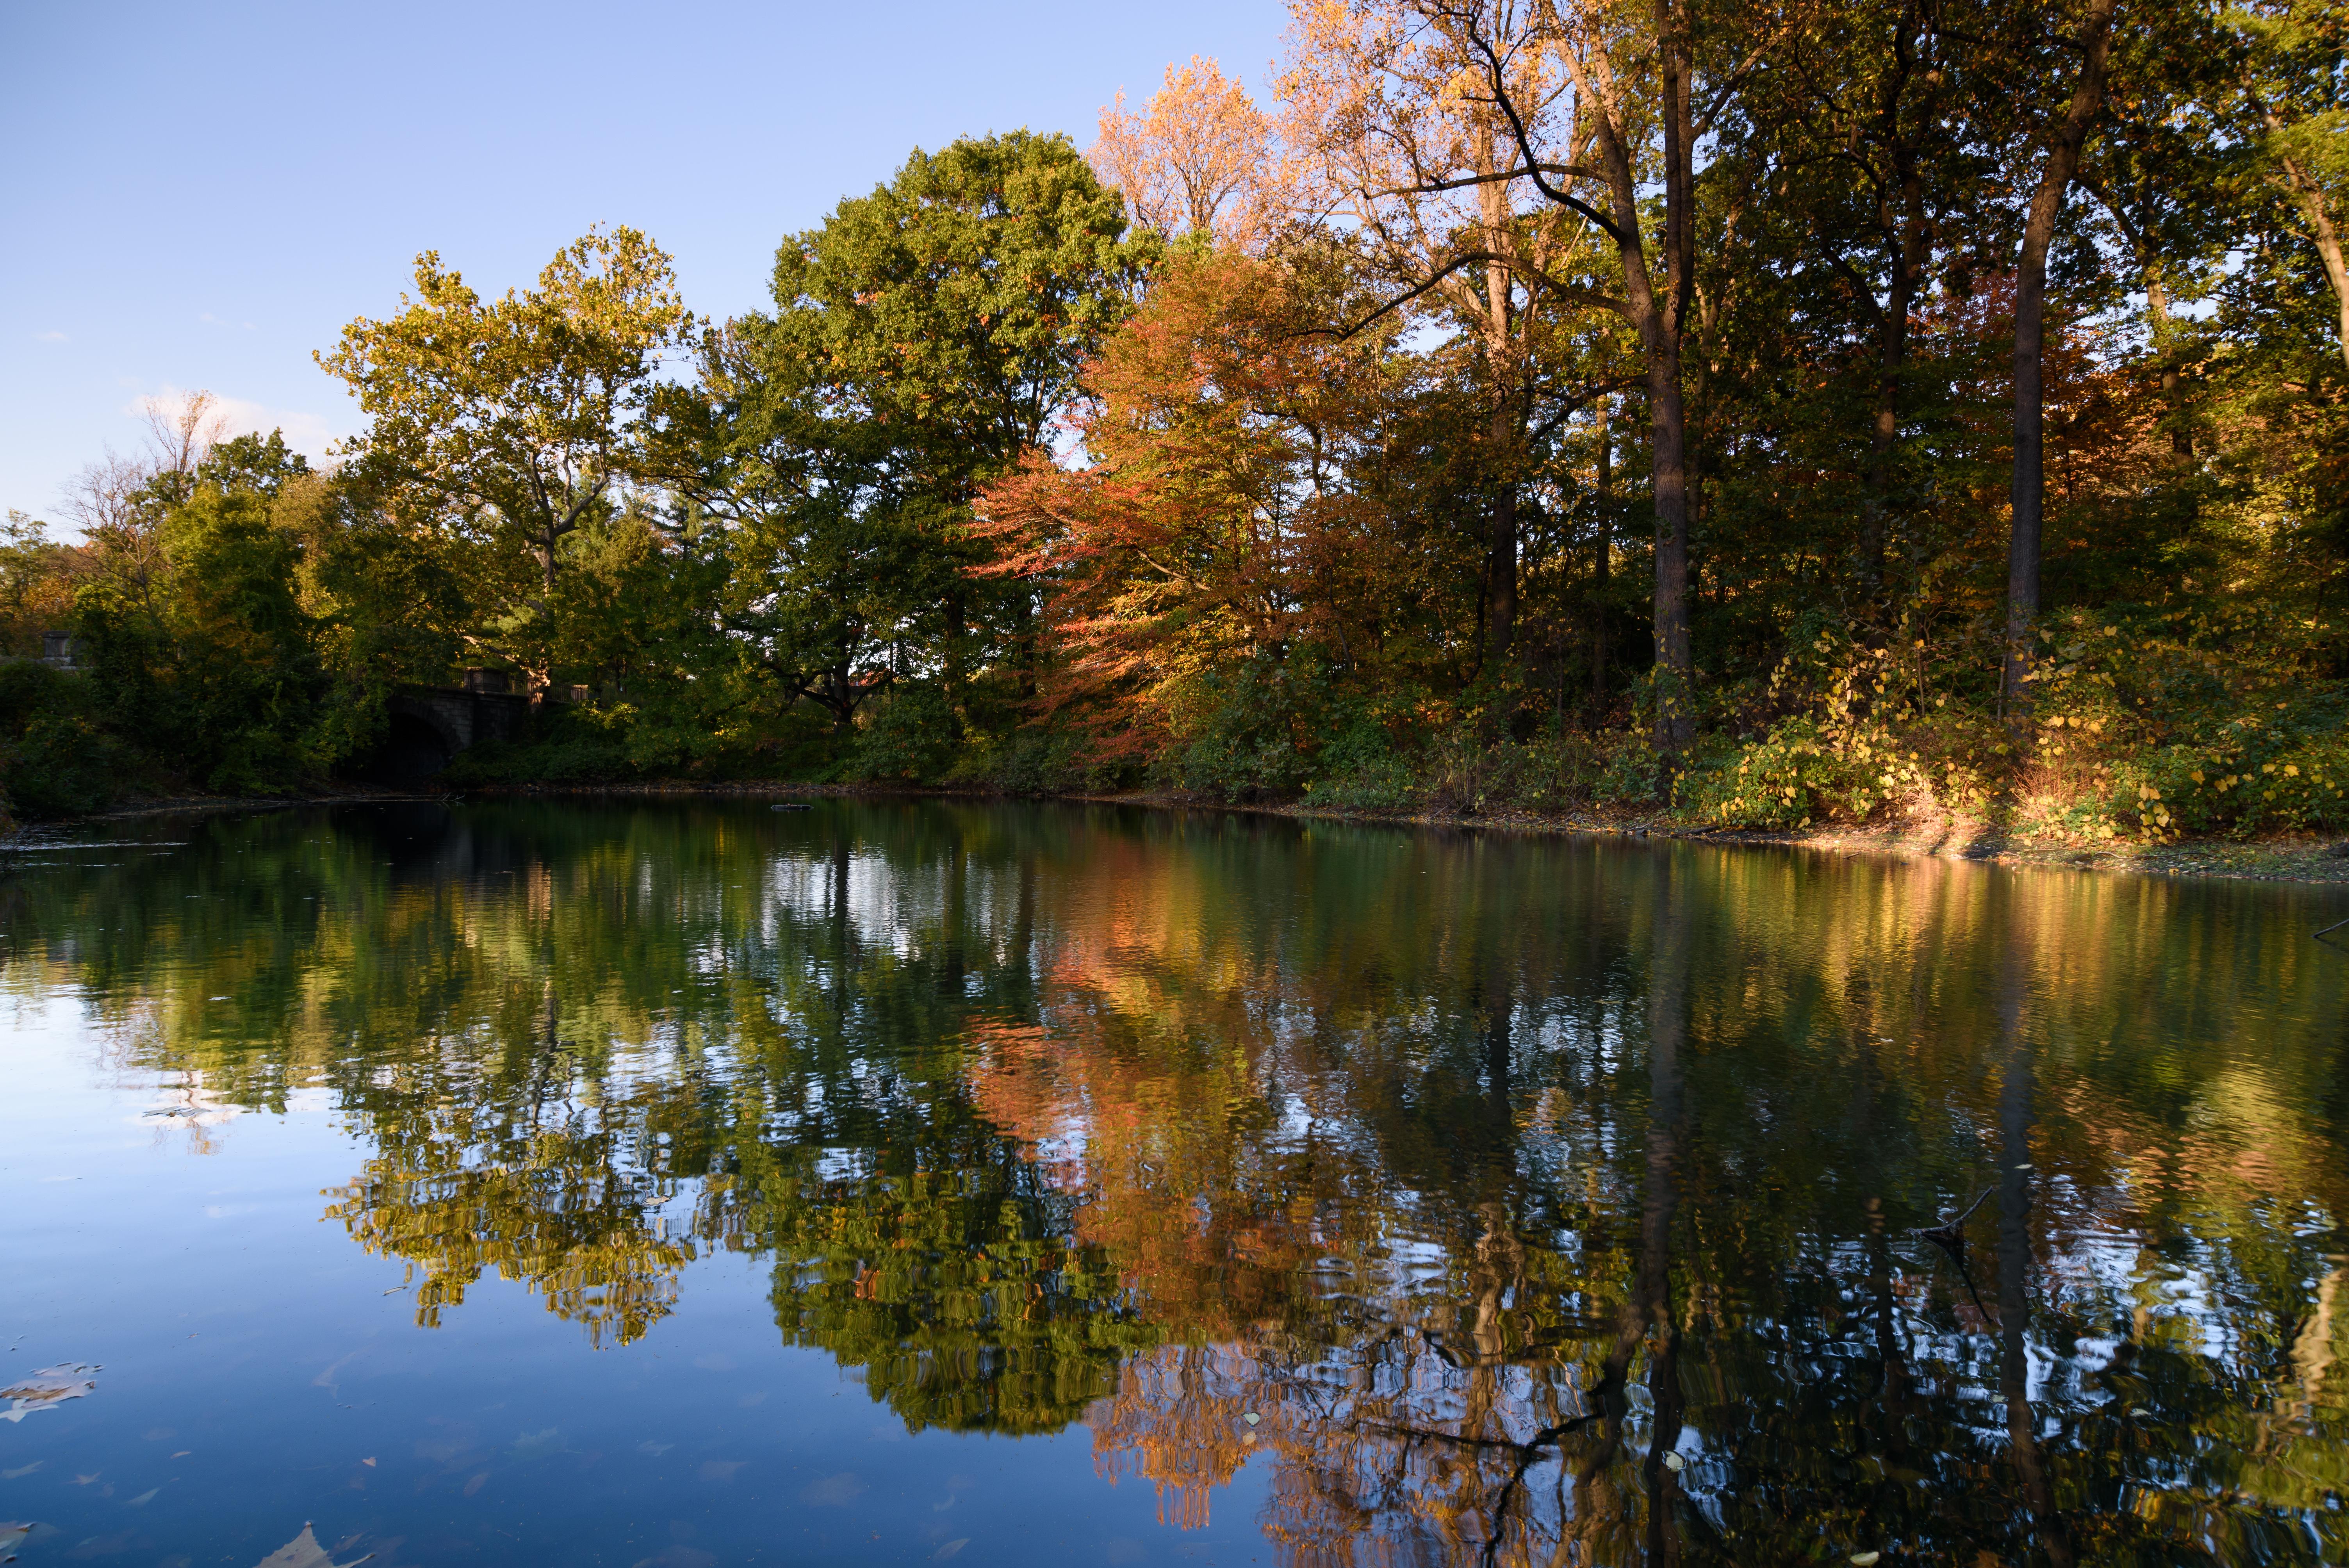 File:New York Botanical Garden October 2016 013.jpg - Wikimedia Commons